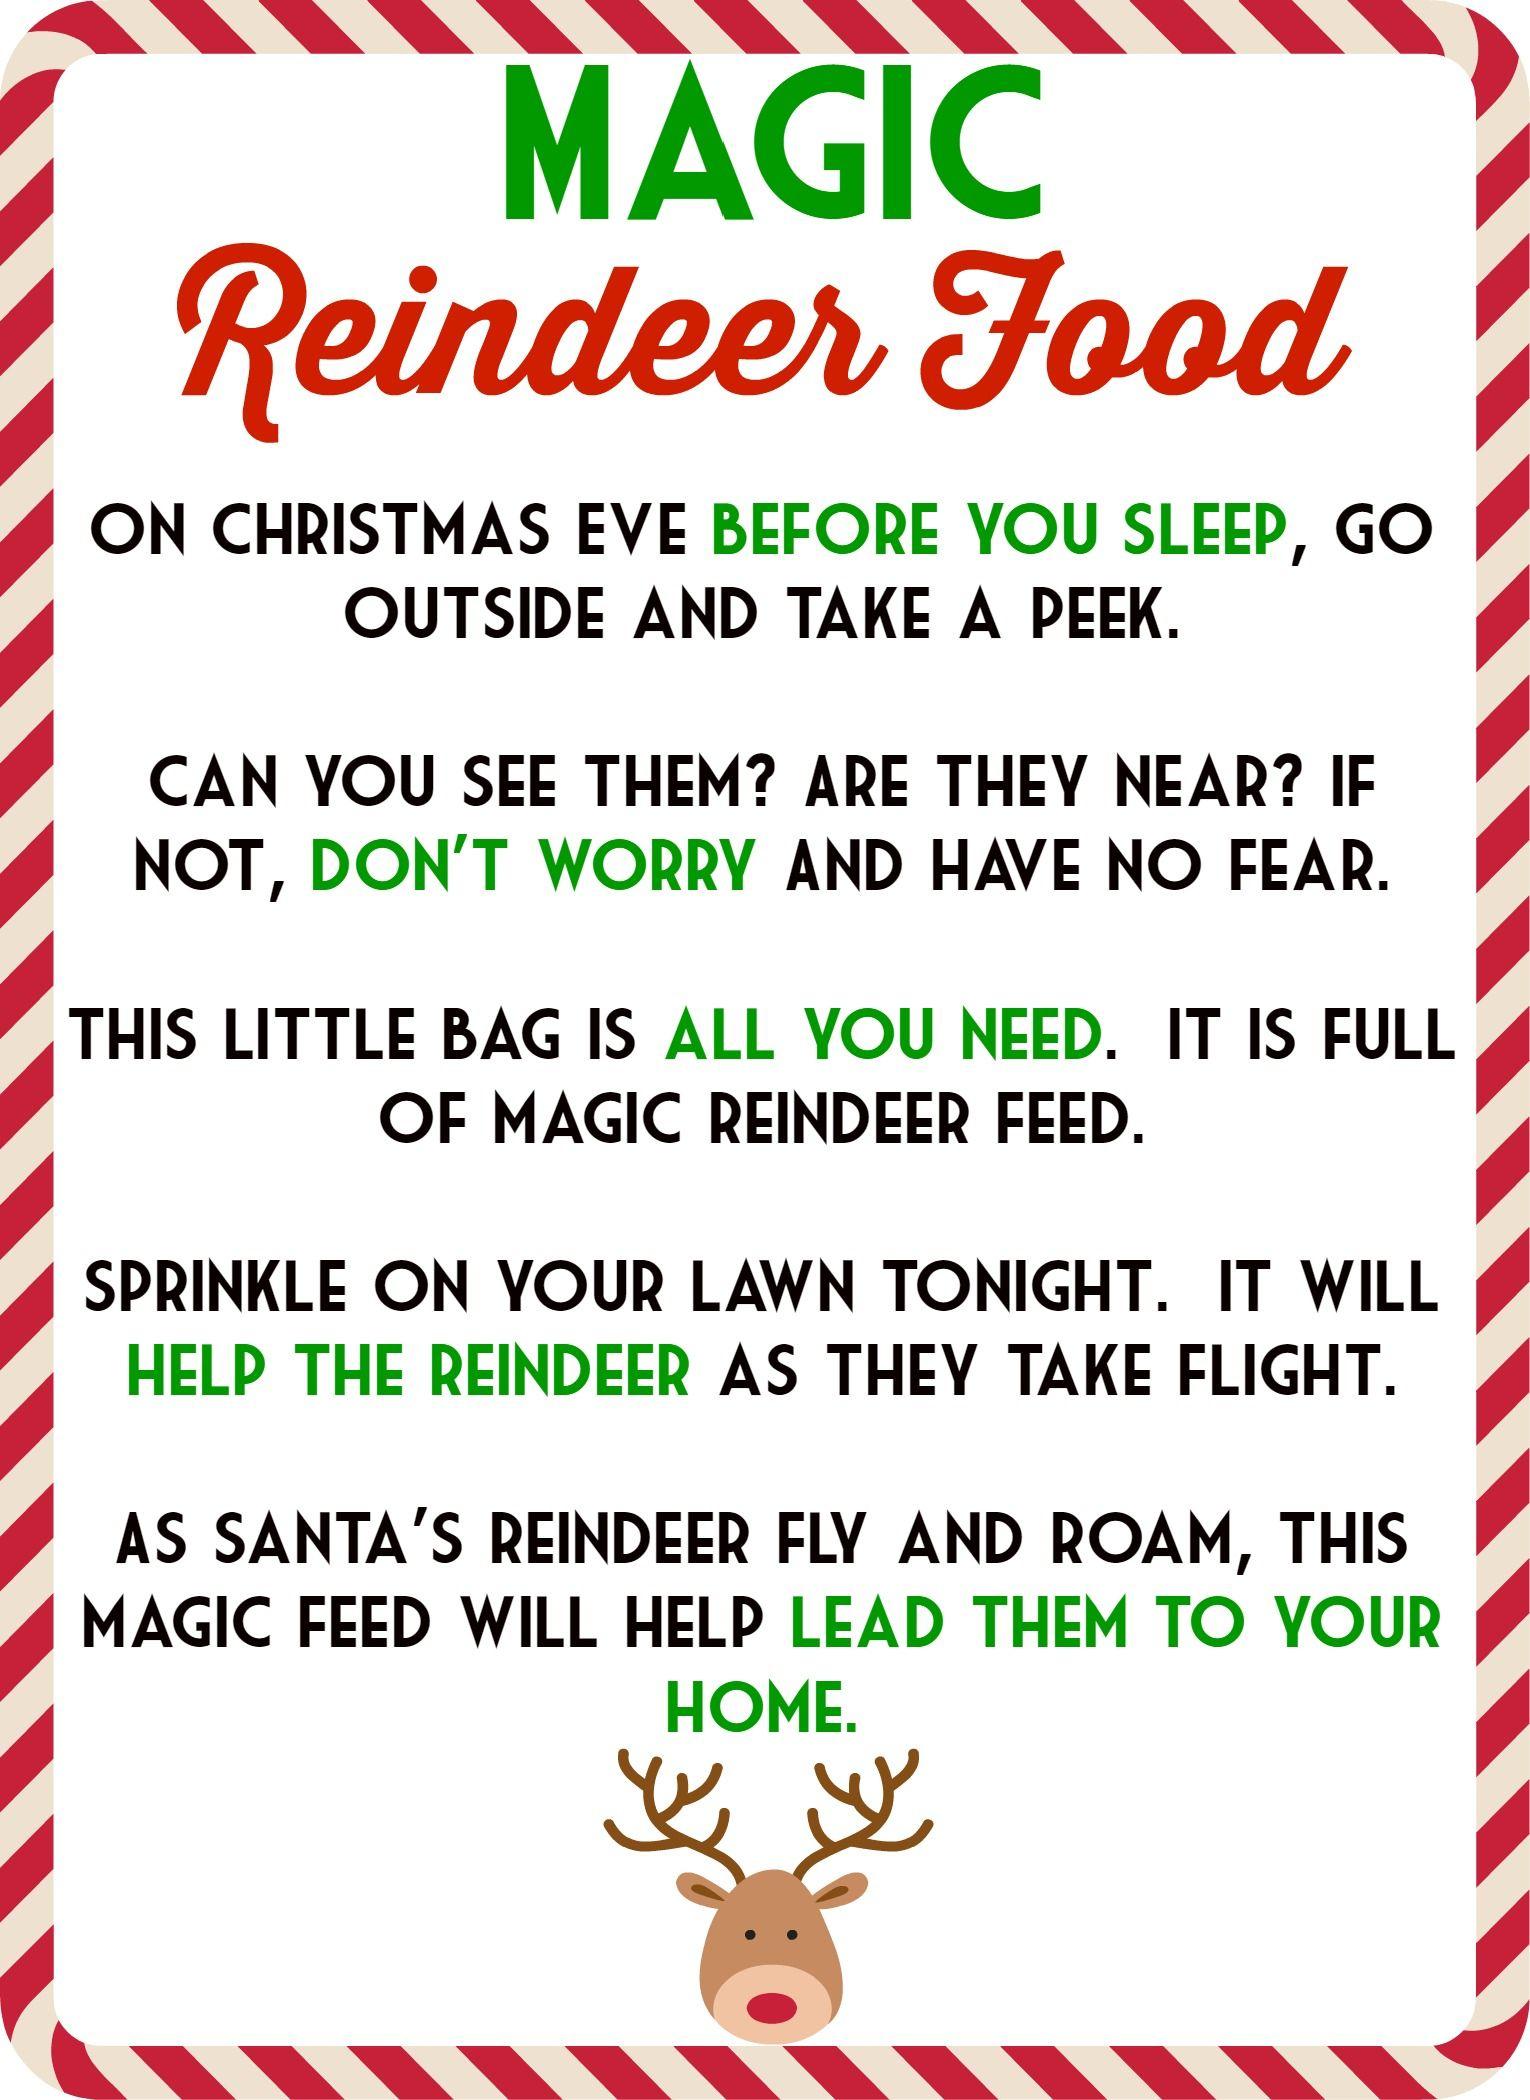 Magic Reindeer Food Poem & Free Printable   1St Grade   Pinterest - Reindeer Food Poem Free Printable